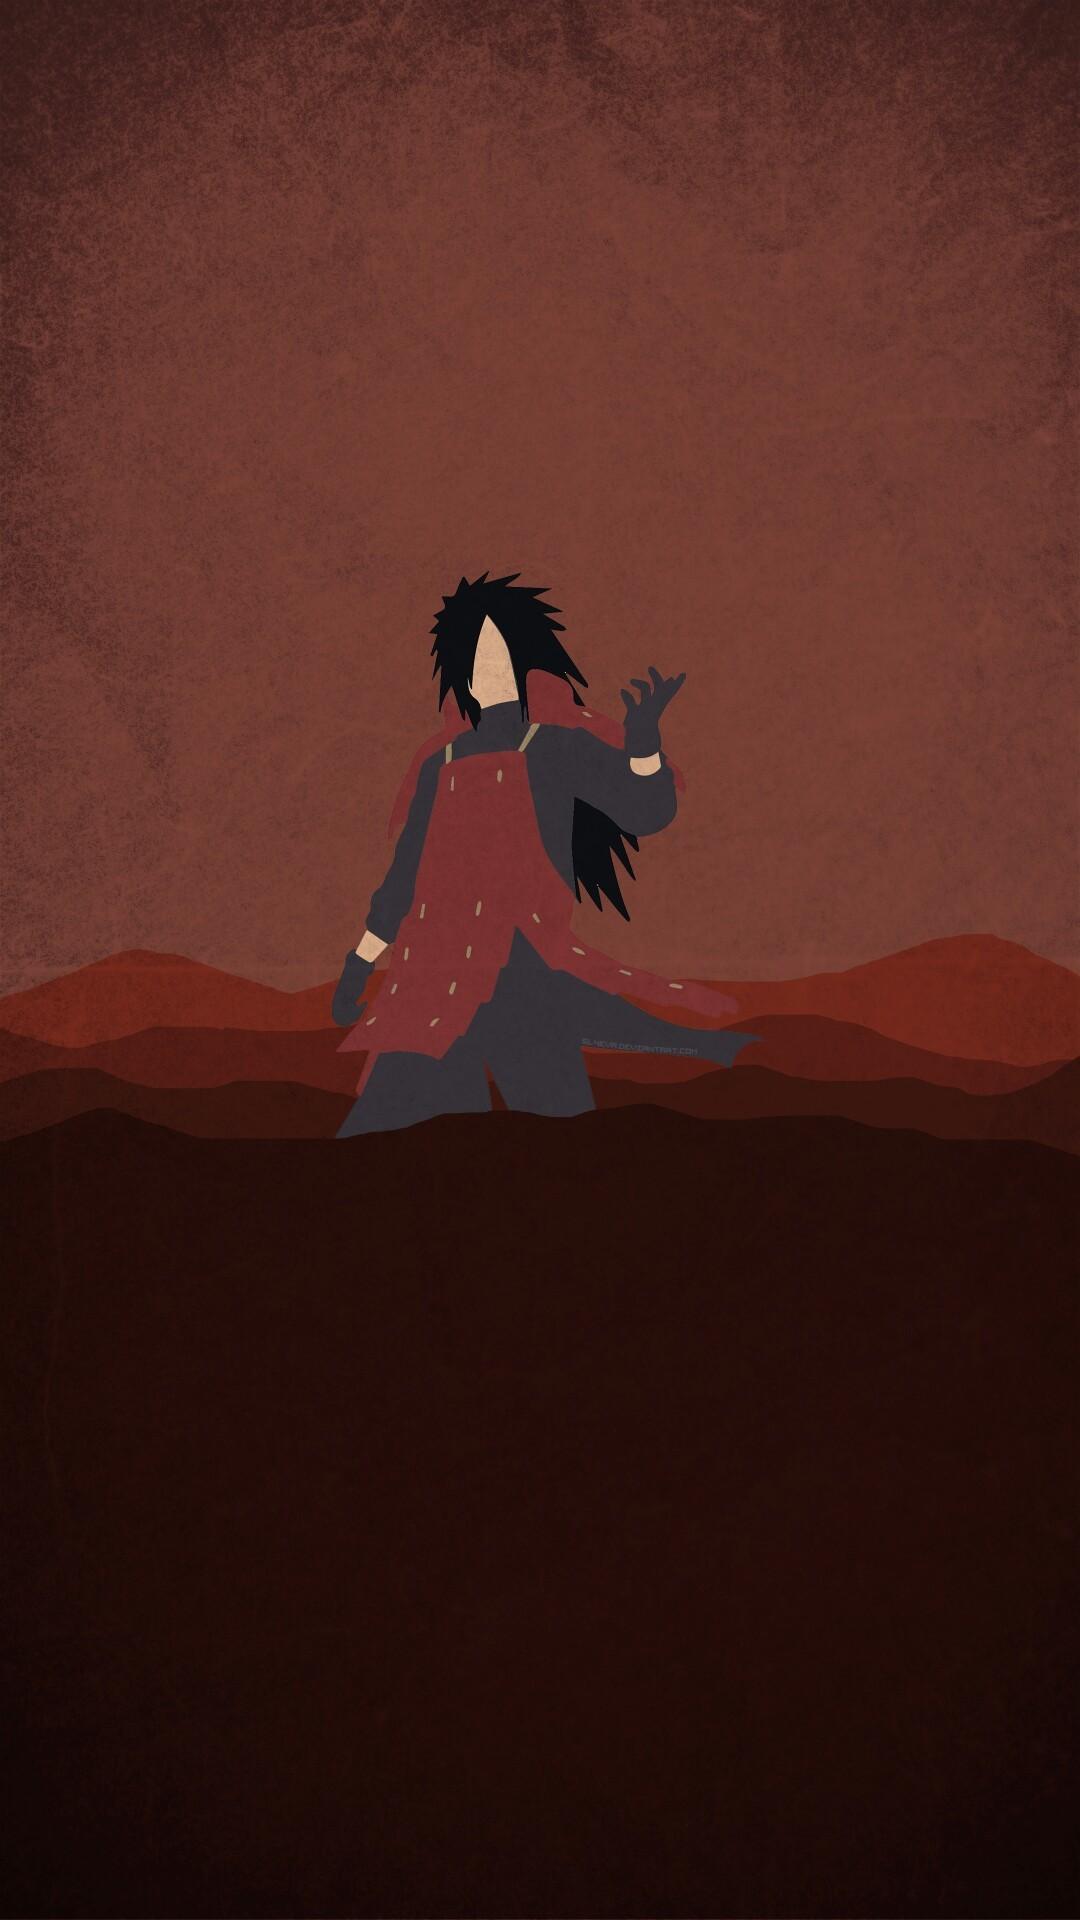 #Naruto Minimalist Mobile Wallpaper More